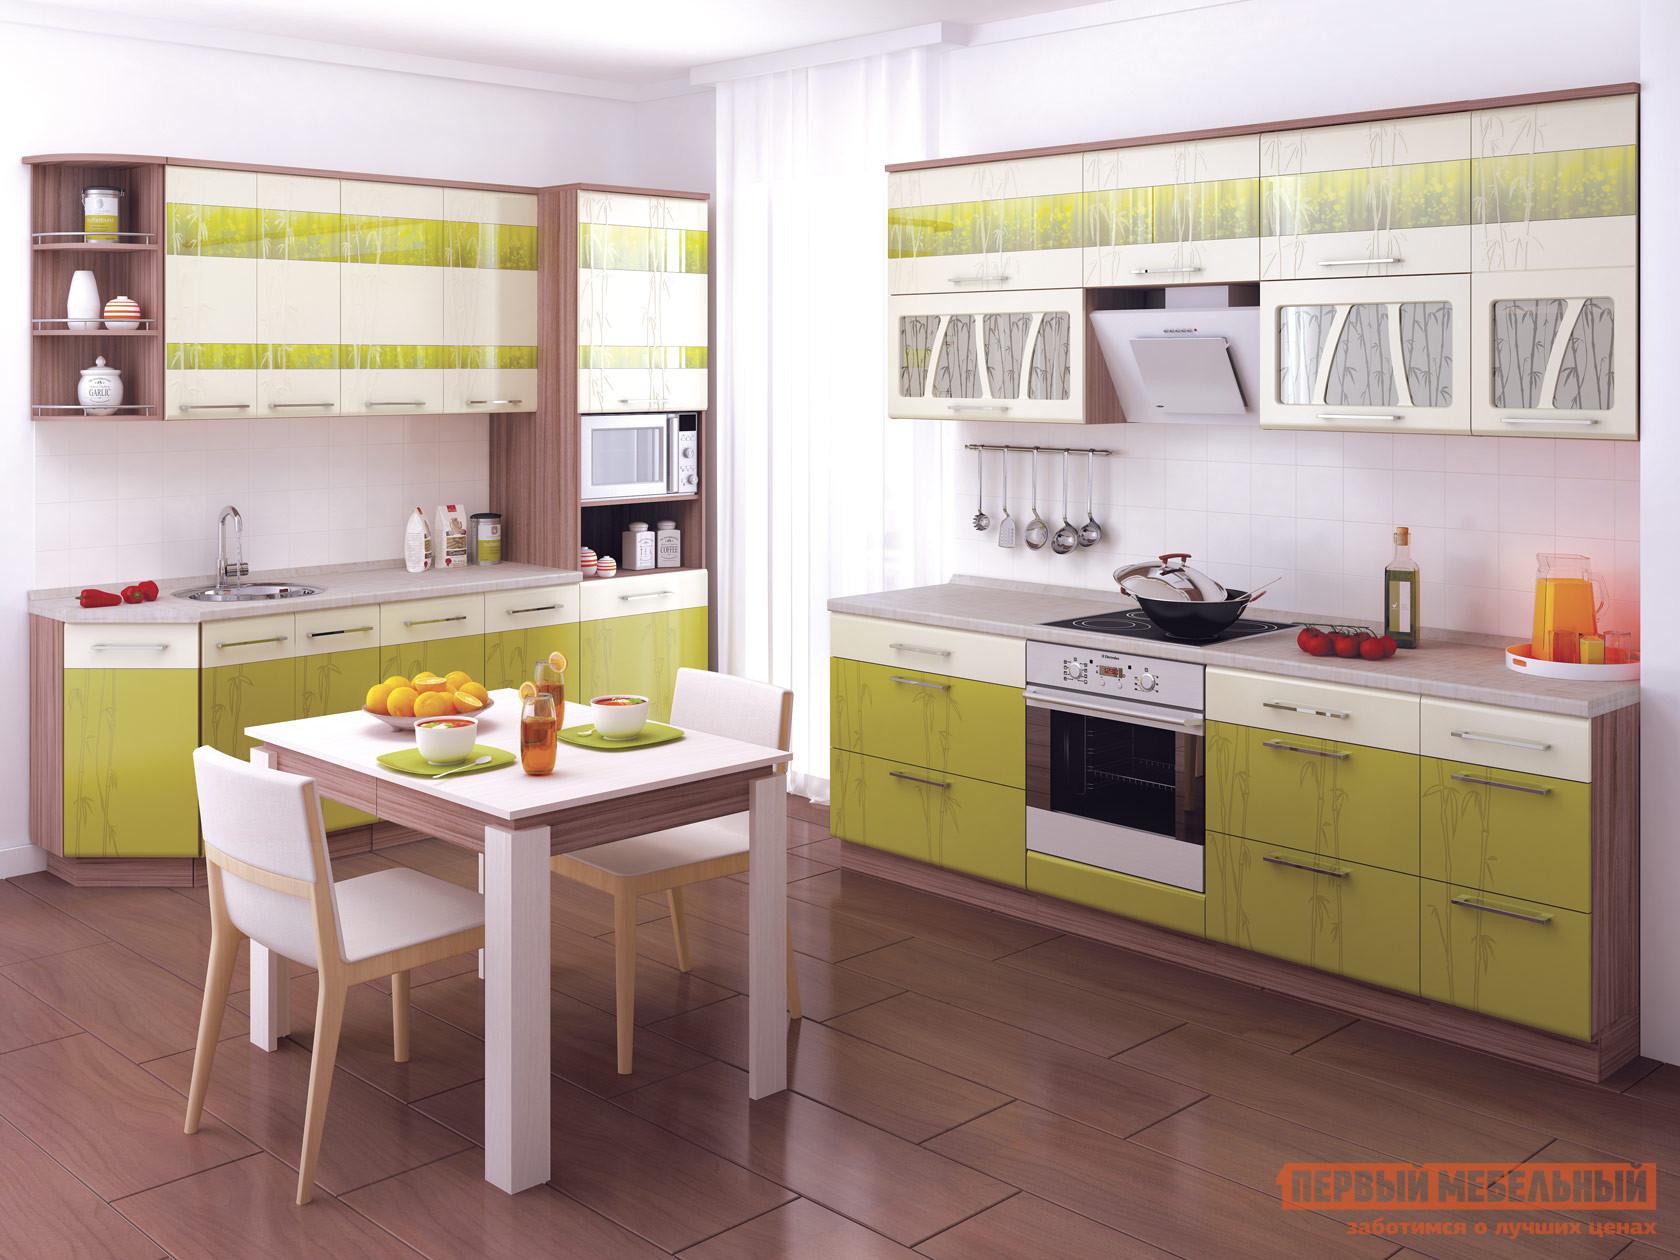 Комплект мебели для кухни Витра Тропикана 230-240 комплект мебели для кухни витра палермо 300